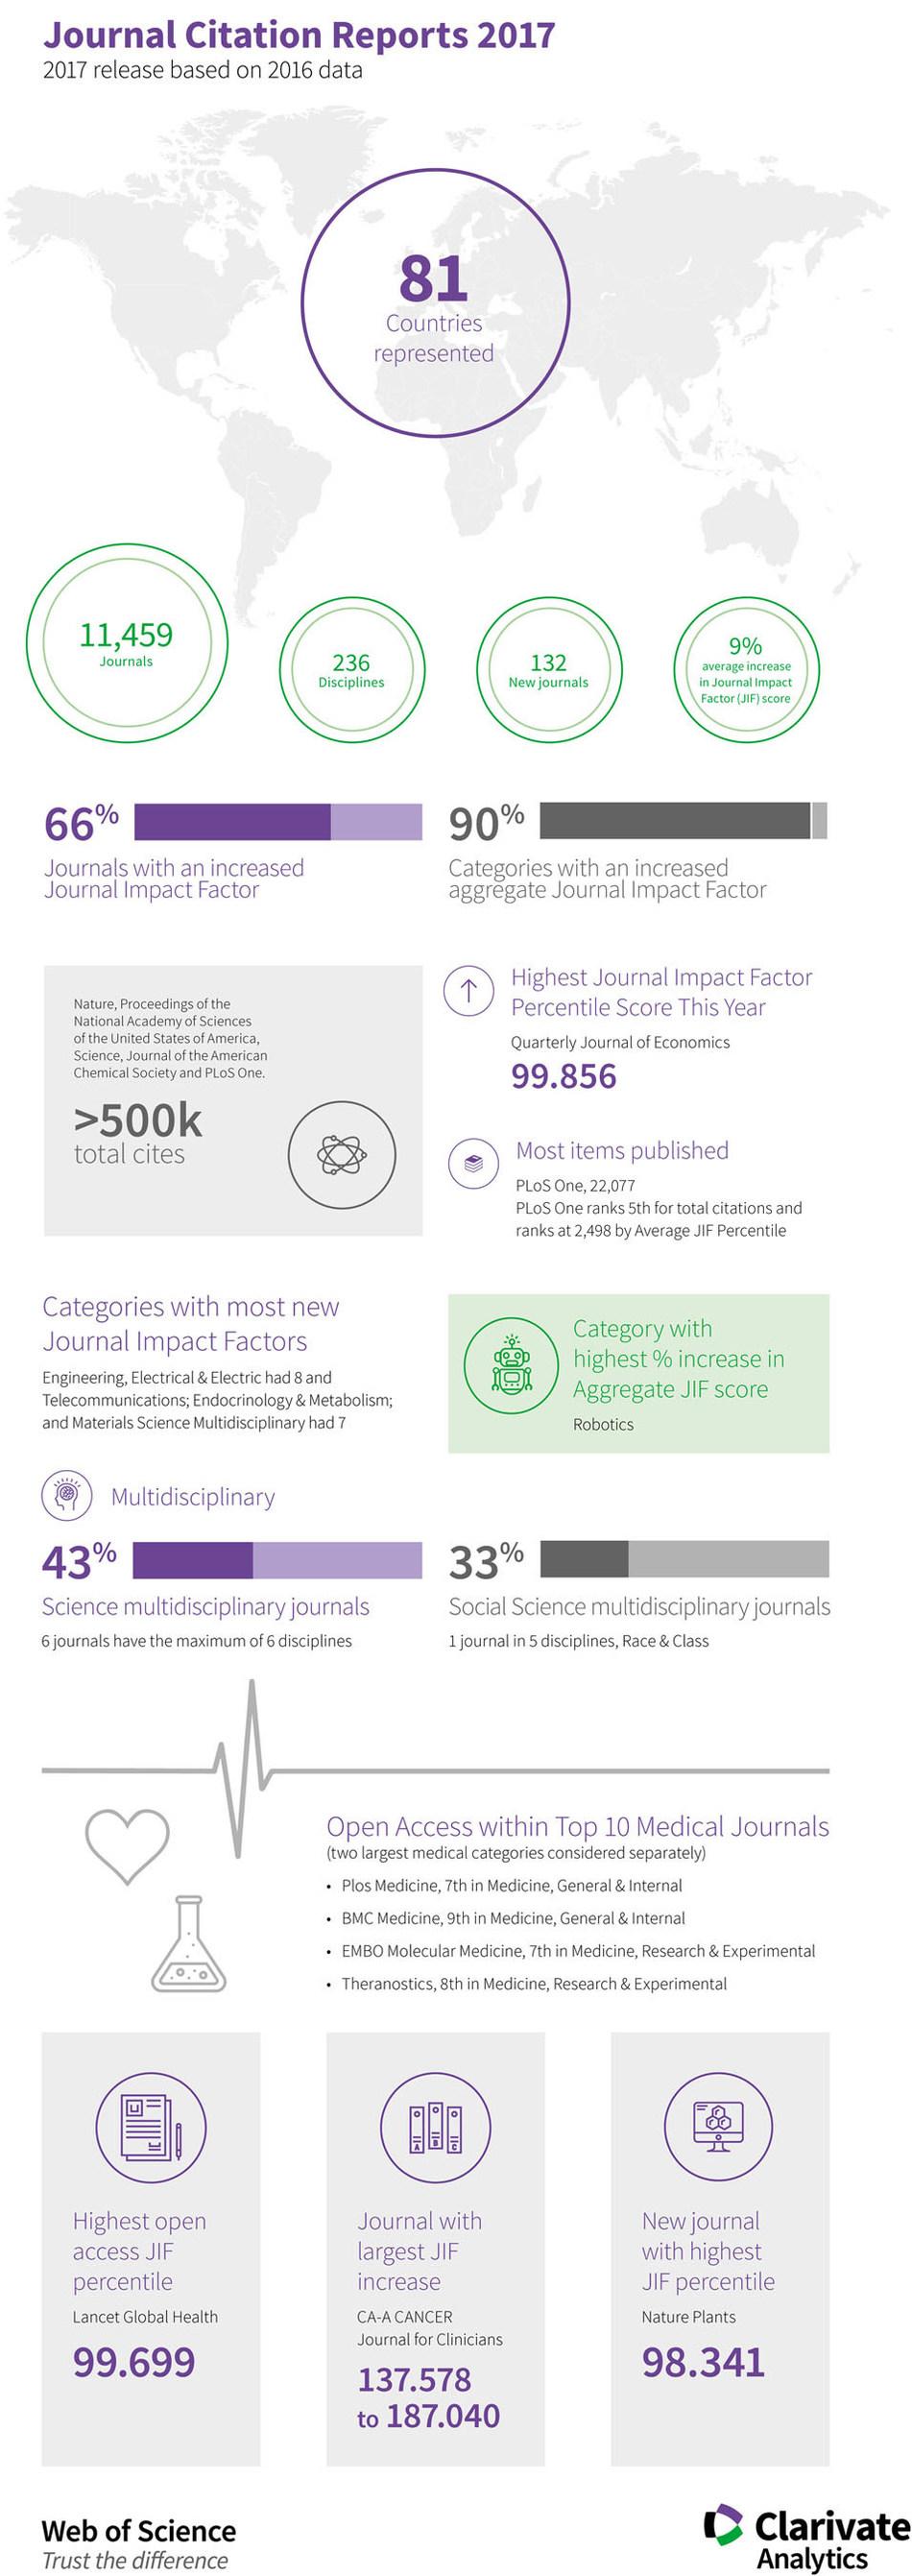 La infografía contiene más datos relacionados con la edición de este año de Clarivate Analytics Journal Citation Reports (PRNewsfoto/Clarivate Analytics)